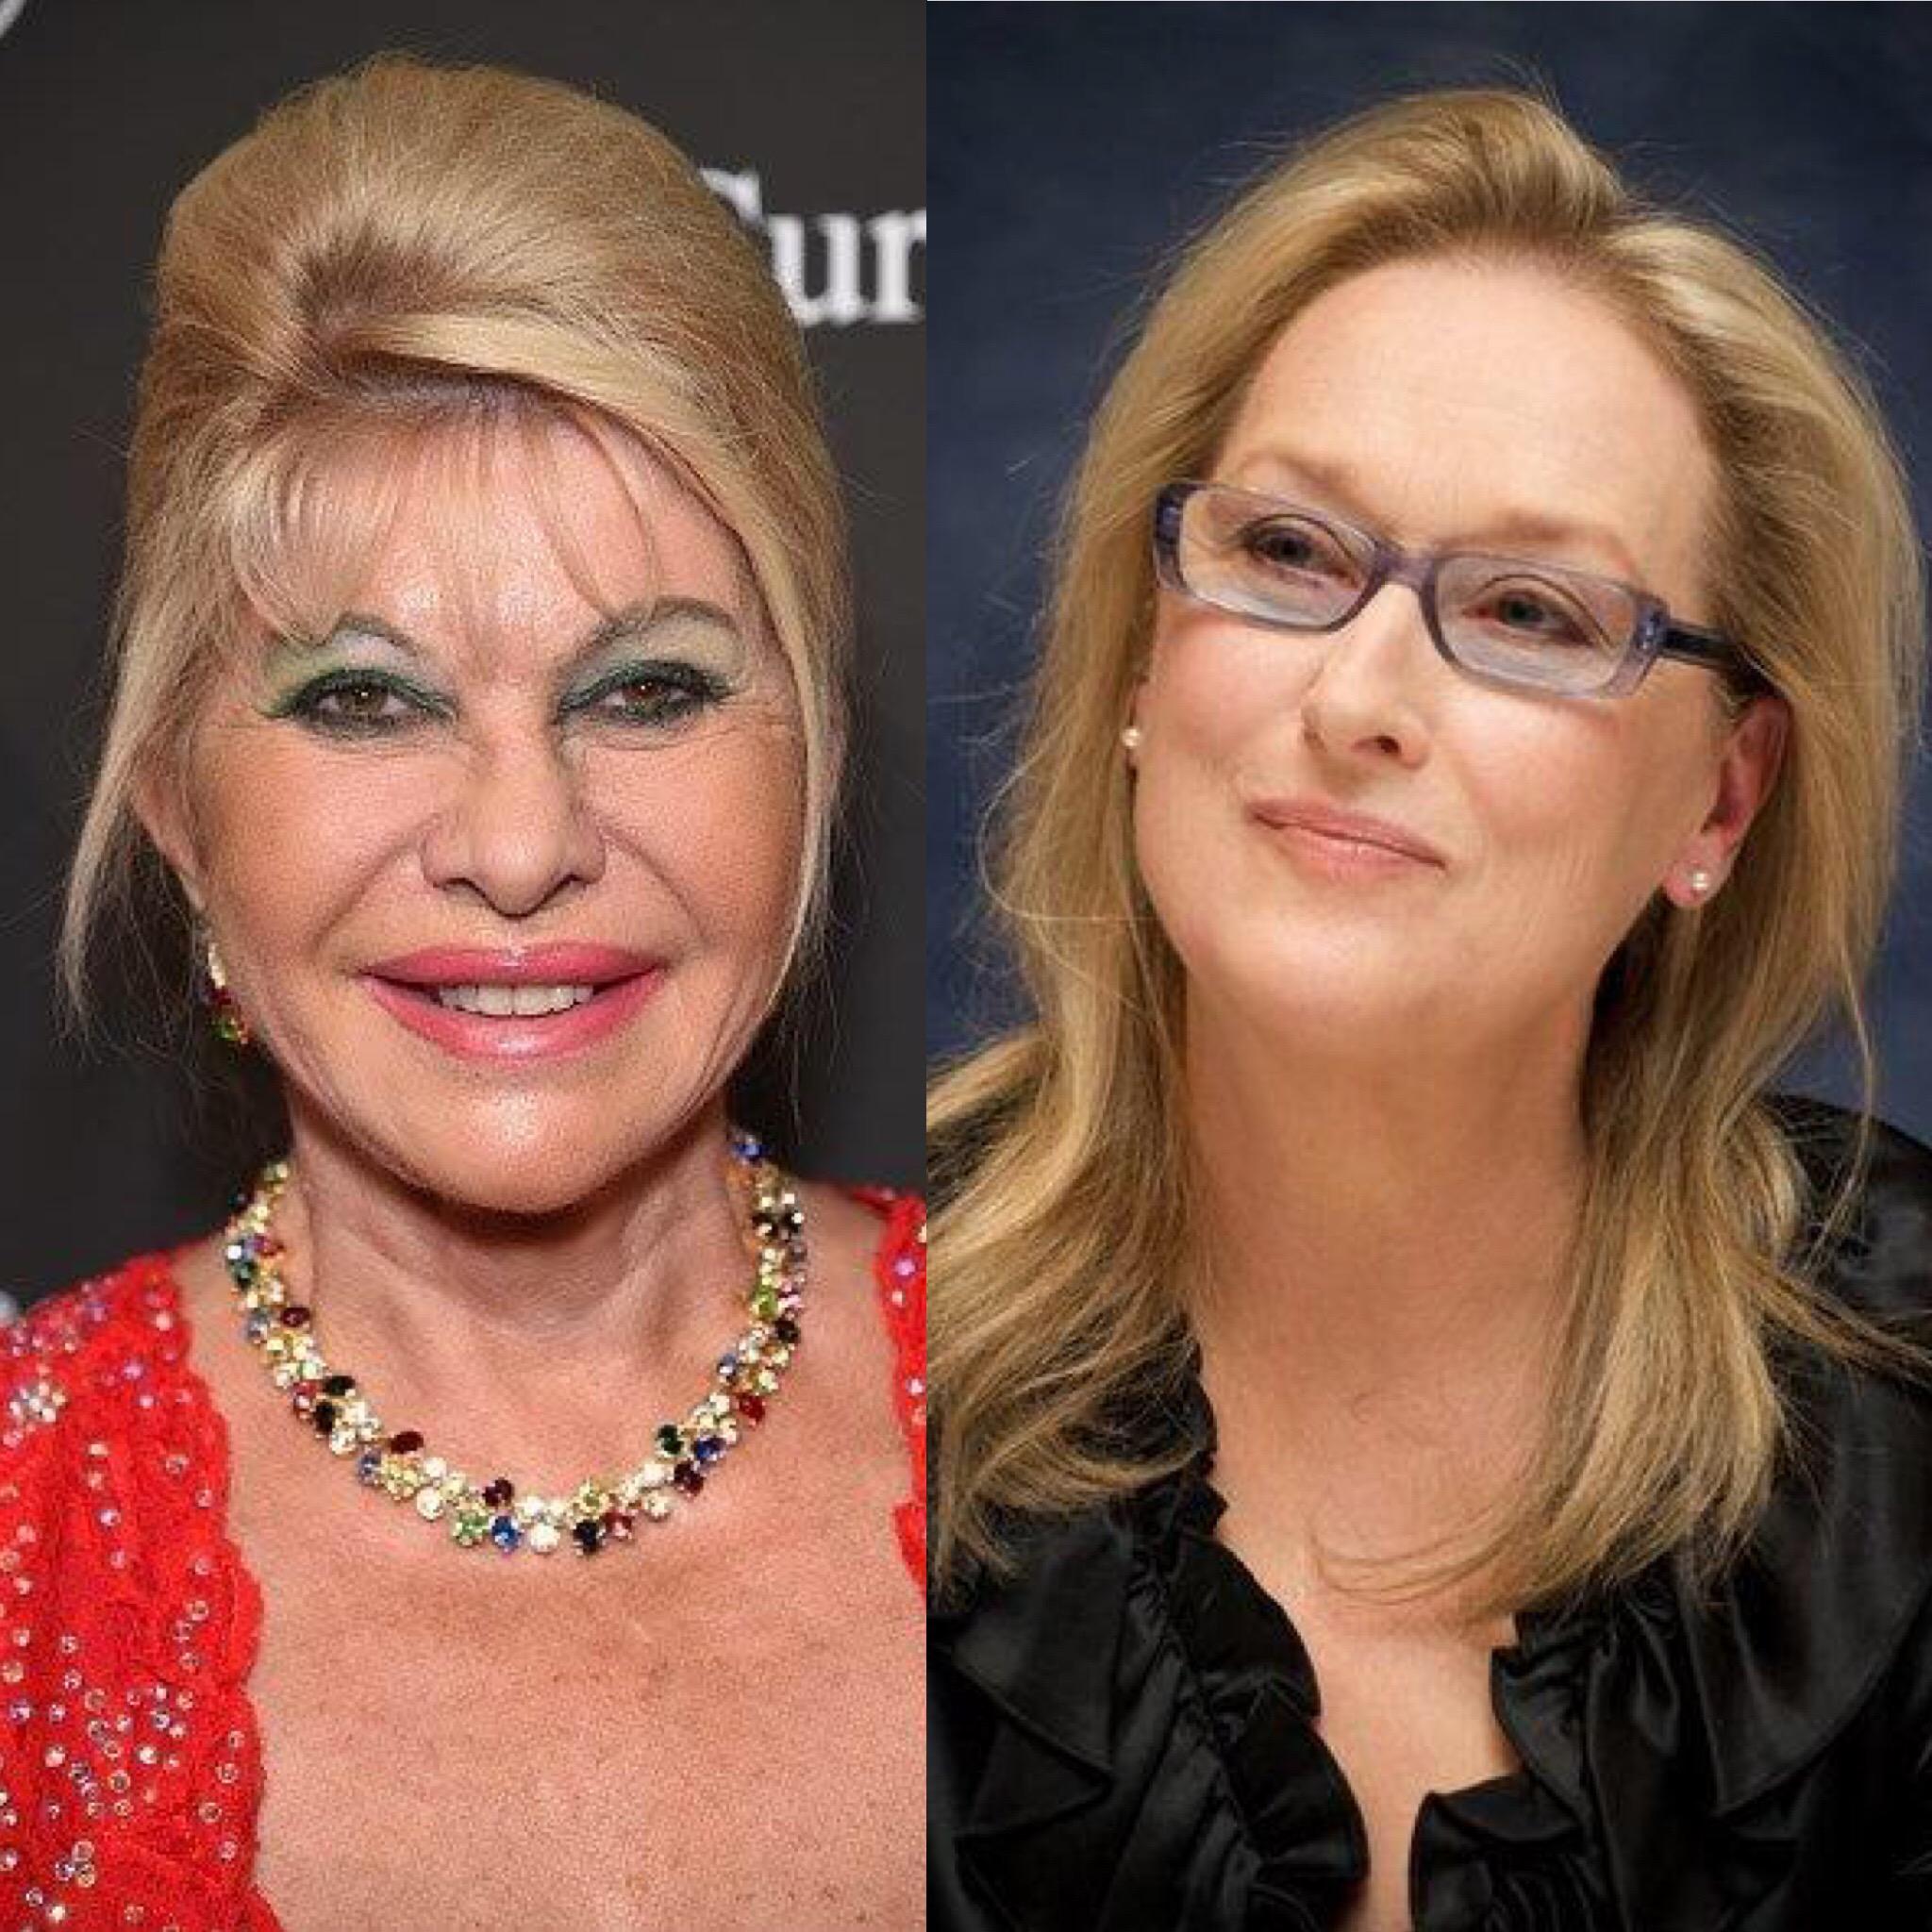 Ivana Trump vs Meryl Streep